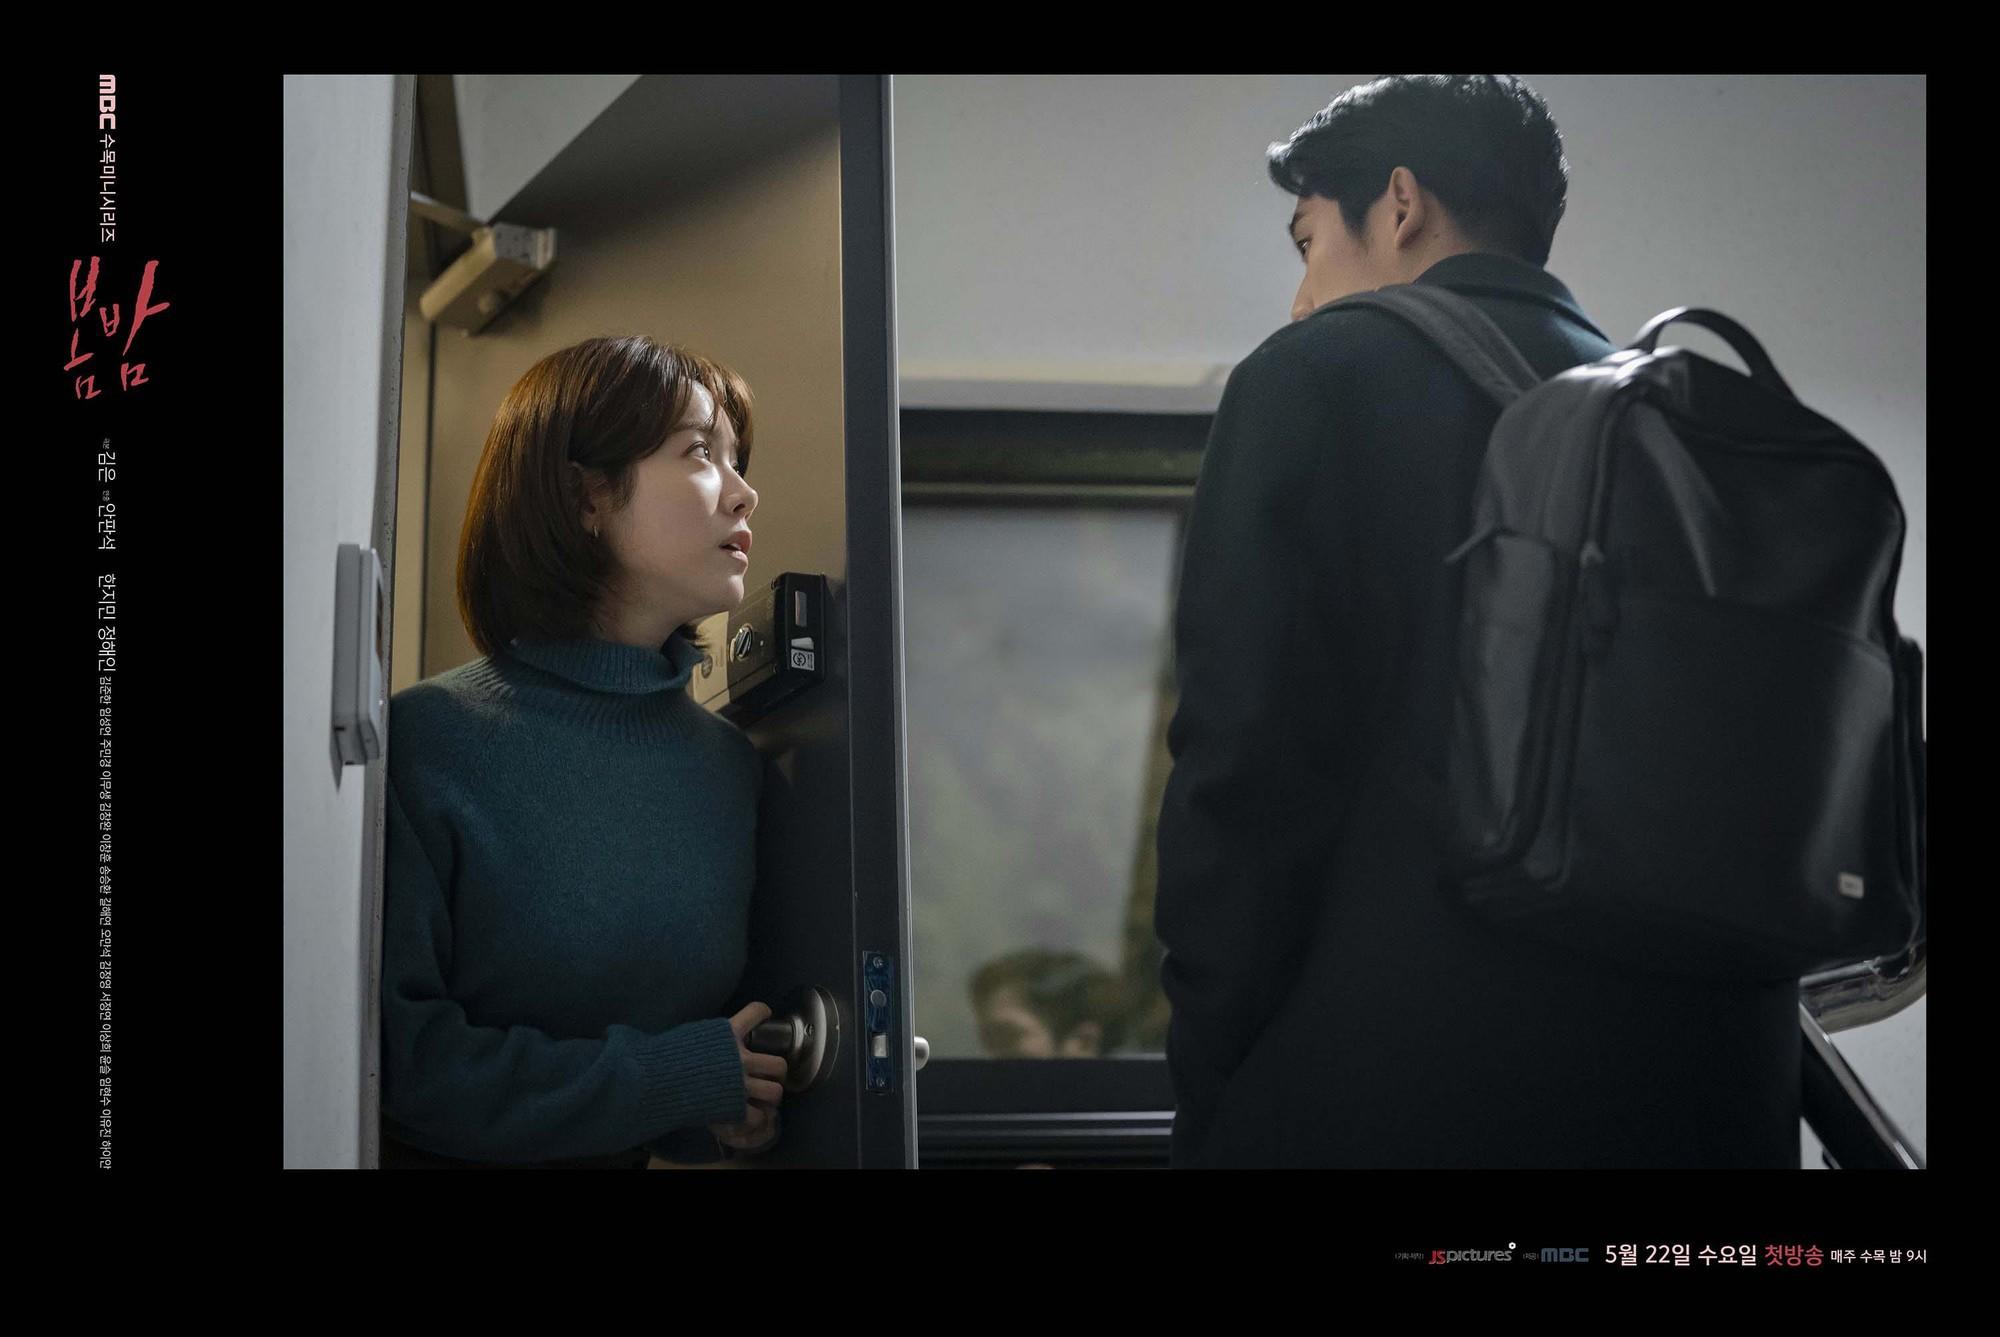 """Jung Hae In từ Chị Đẹp đến Đêm Xuân: Chàng """"phi công trẻ"""" đáng trân trọng hay kẻ thứ ba phá hoại tình yêu? - Ảnh 1."""